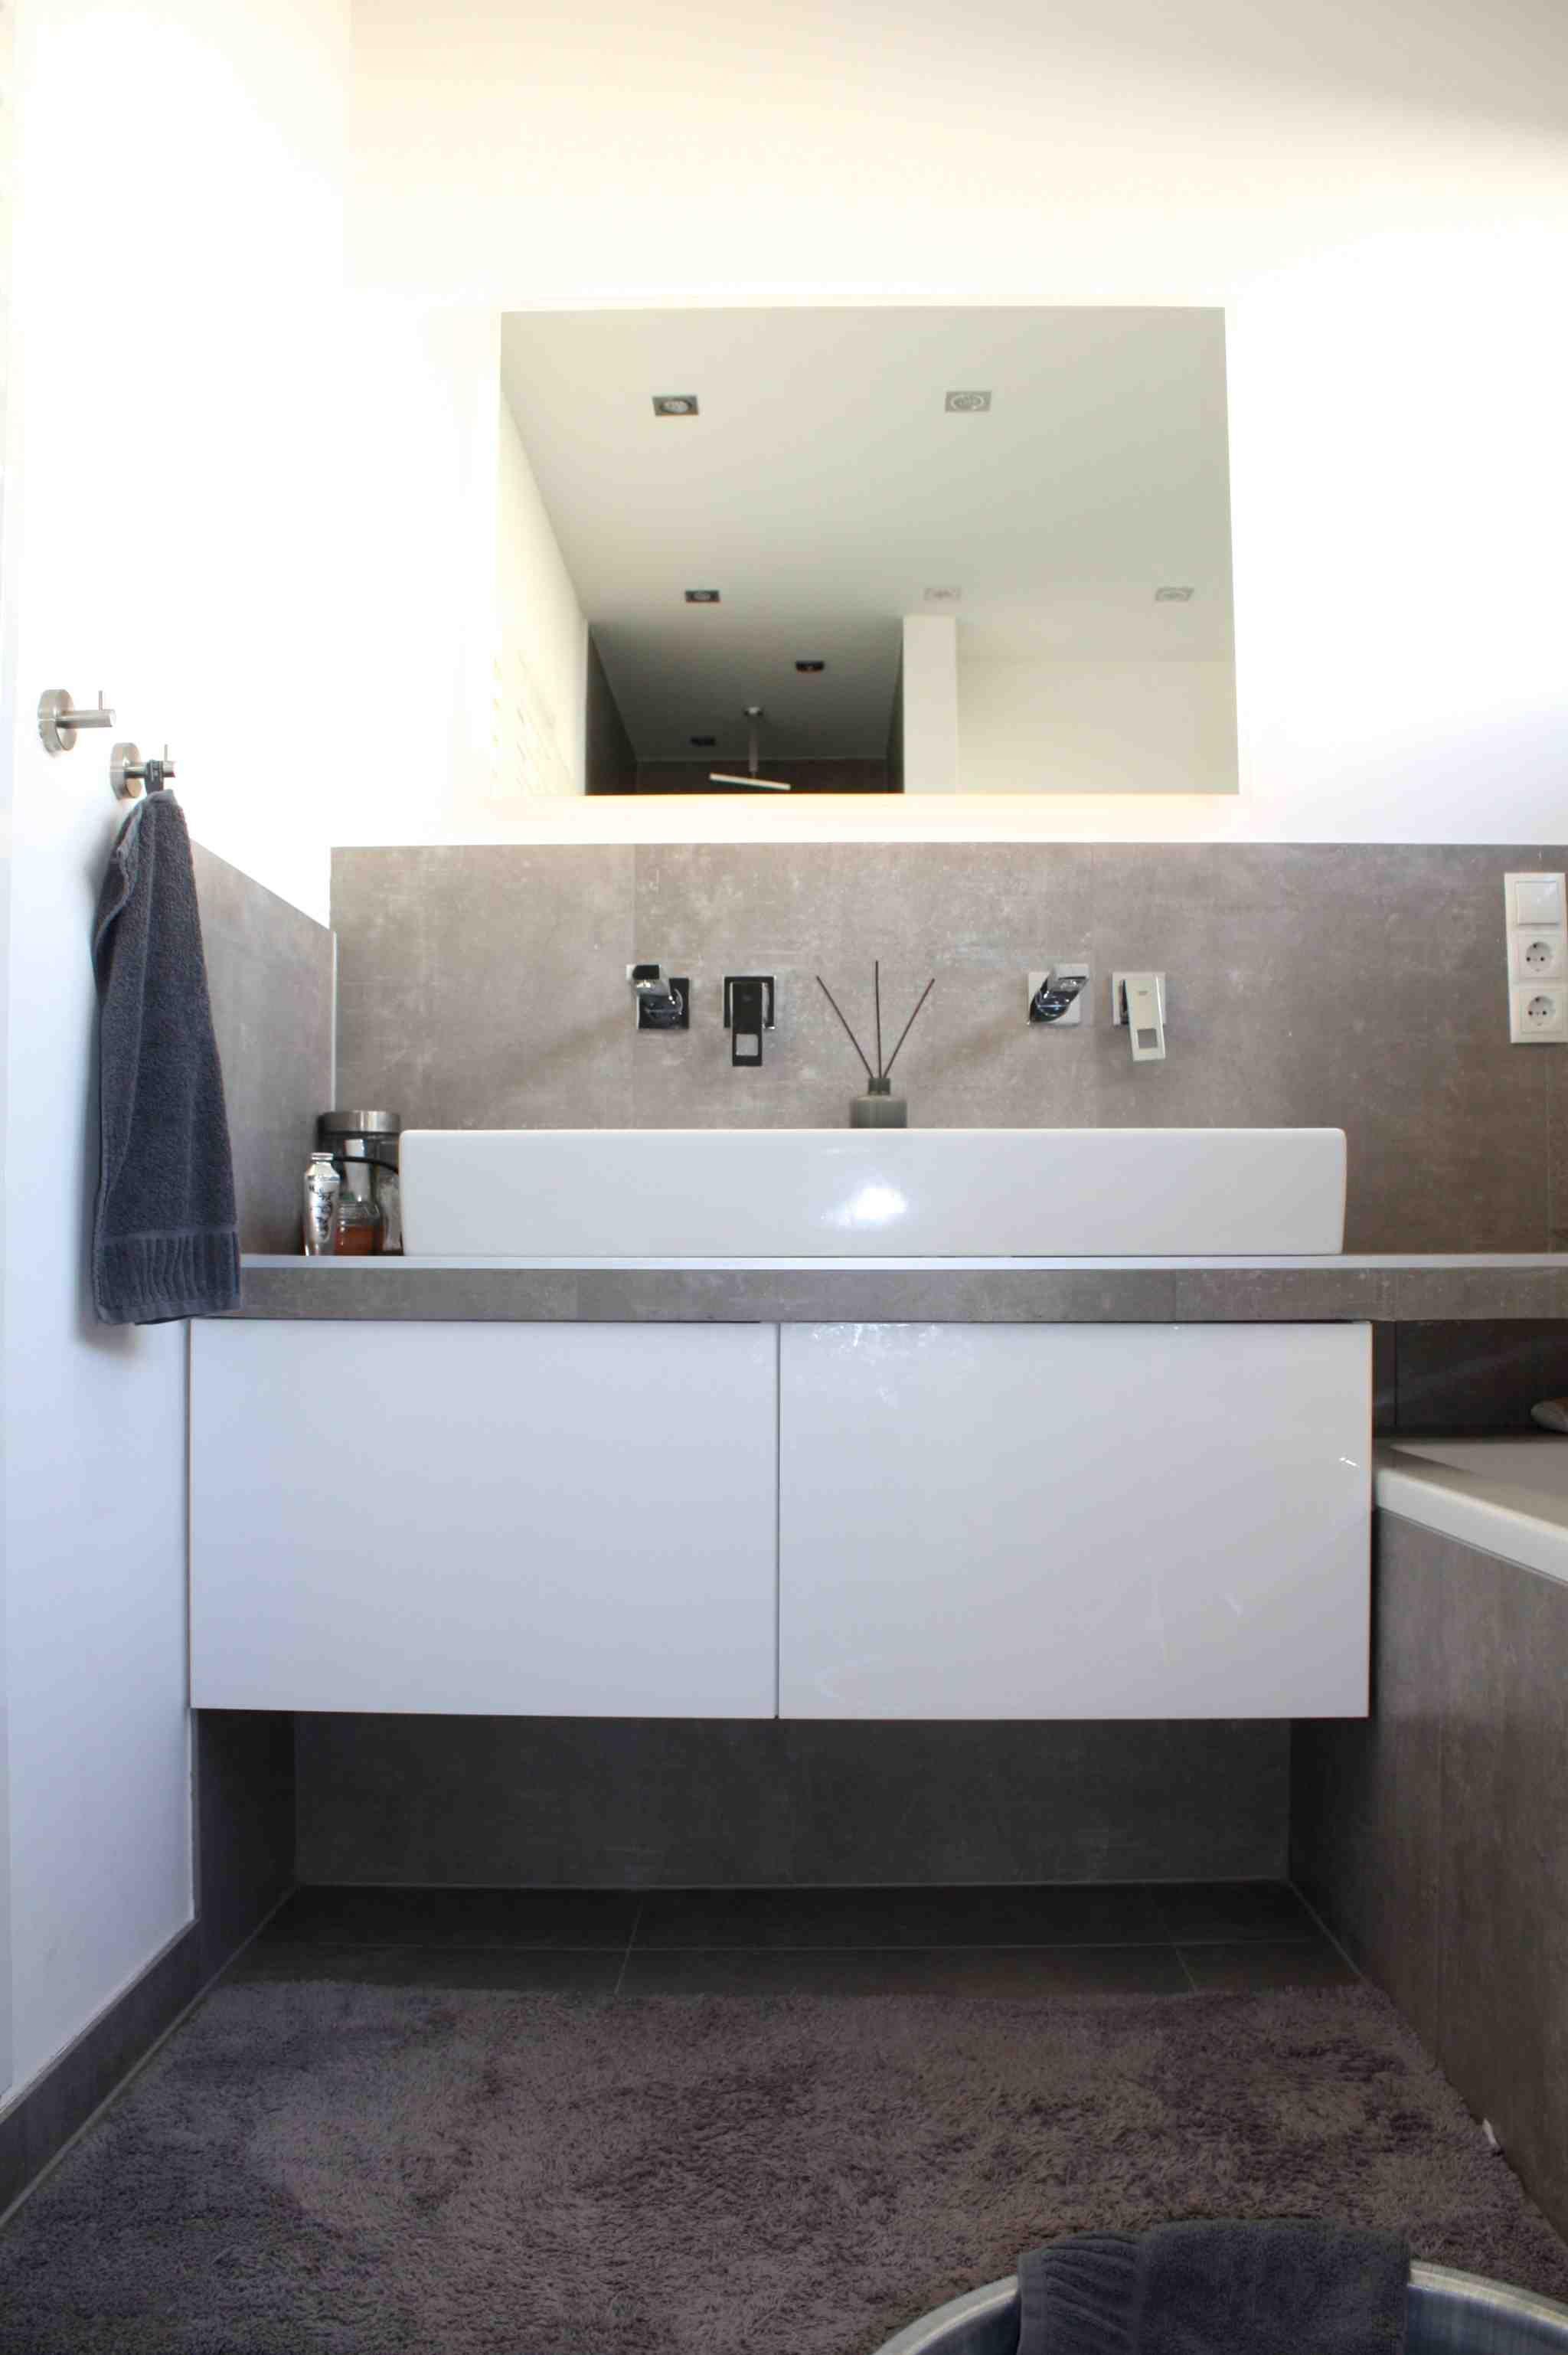 Wie Du Aus Einem Kuchenschrank Eine Gunstige Alternative Fur Badezimmer Mobel Machst Und Wie Du Beim B Badezimmer Unterschrank Ikea Badezimmer Mobel Badezimmer